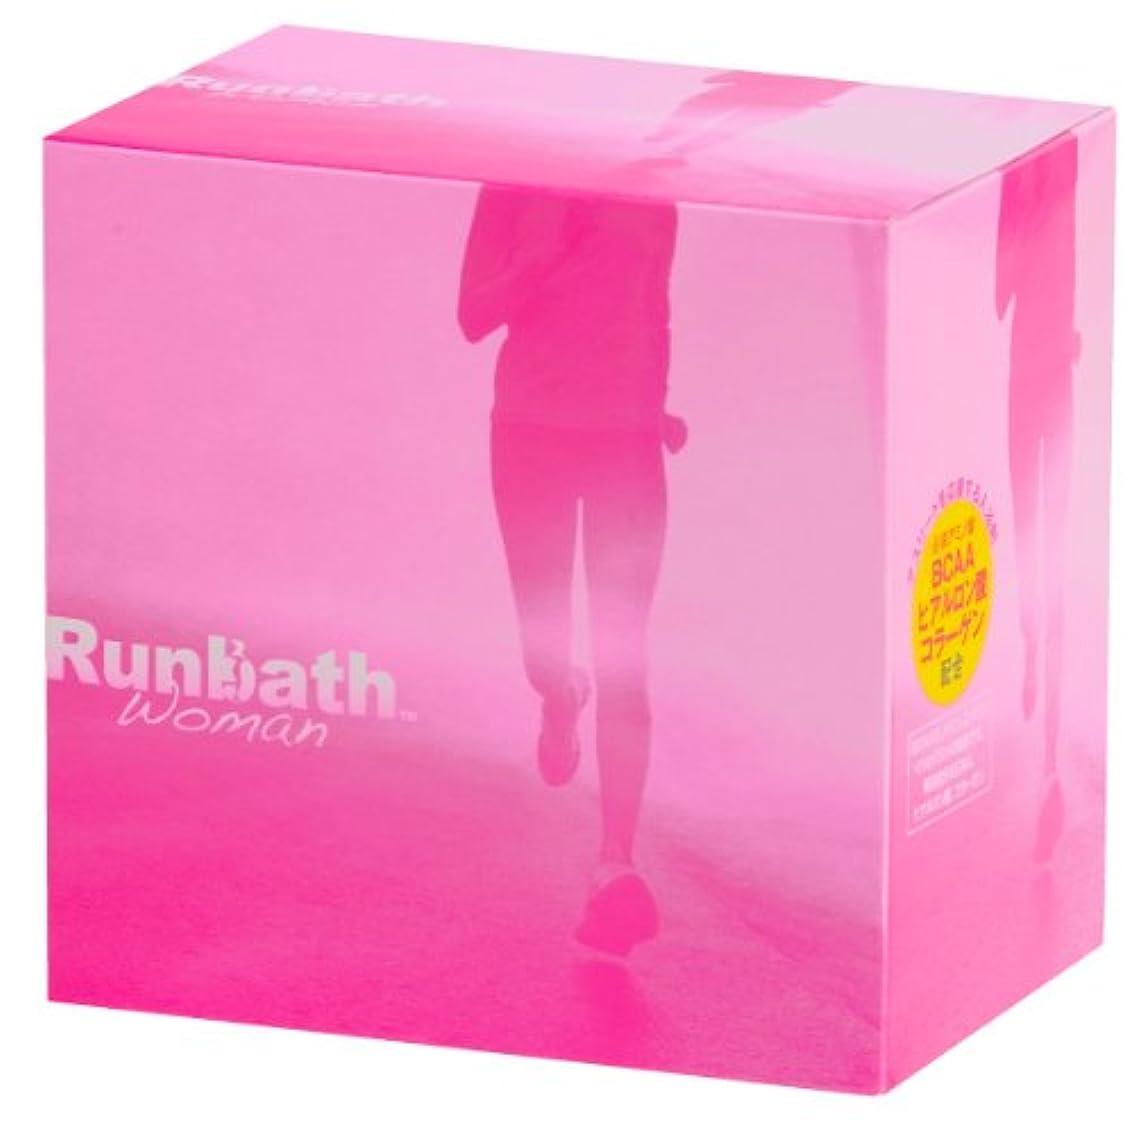 私達最小化する集中Runbath Woman ランバスウーマン